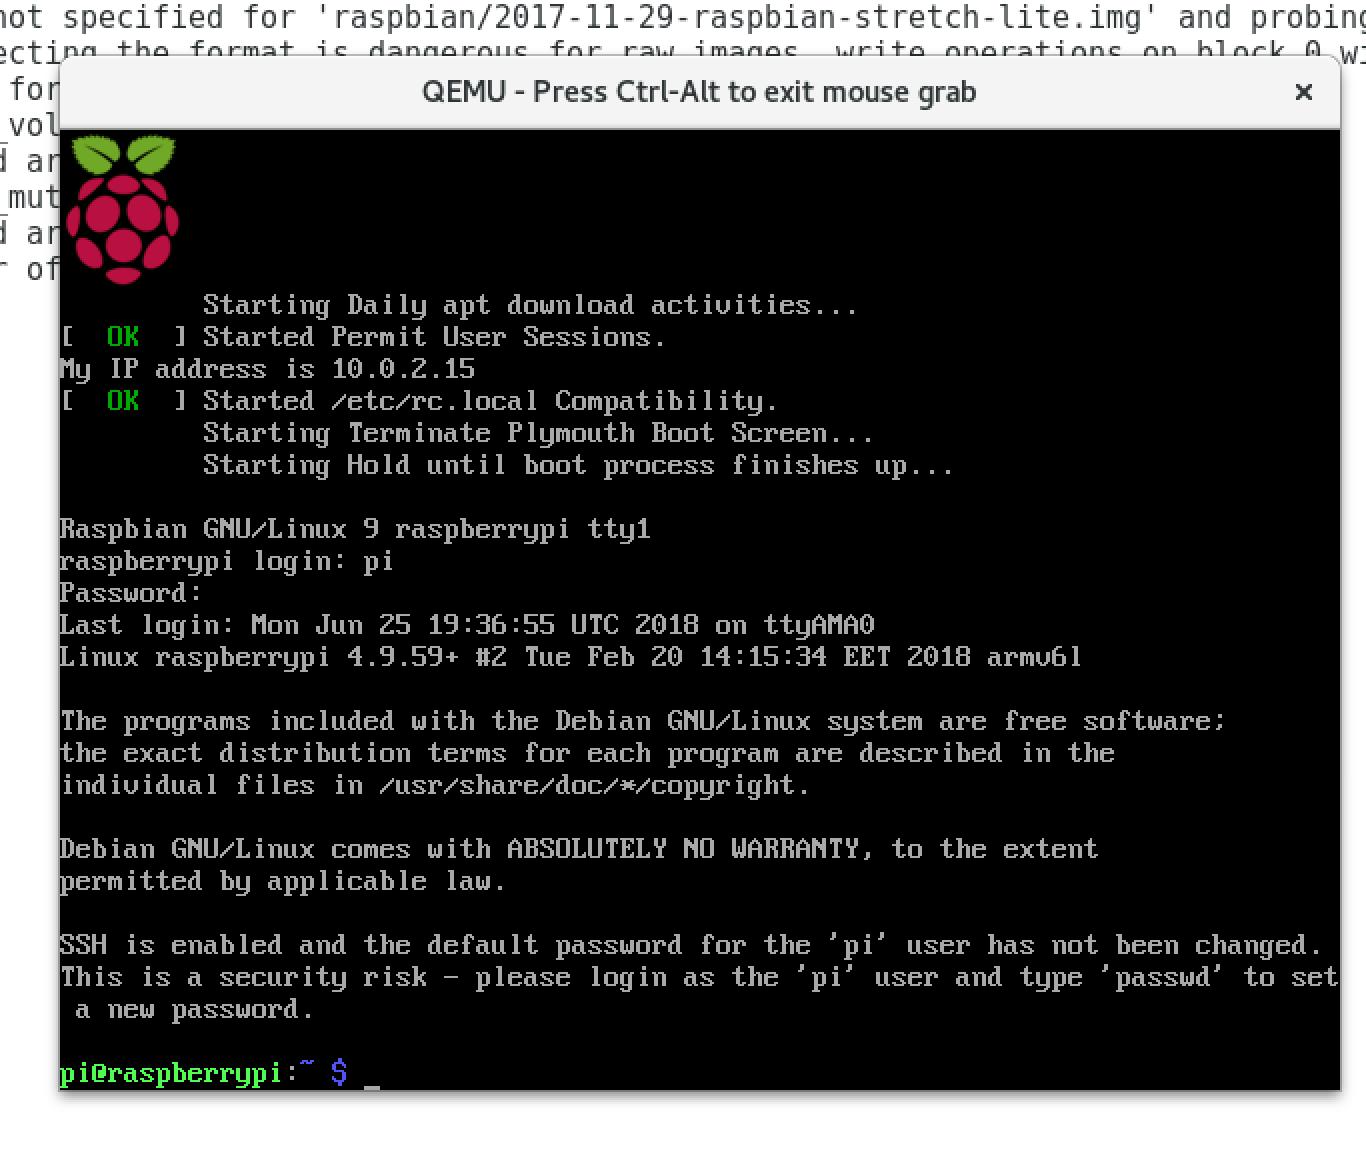 Ouverture d'une session avec l'utilisateur pi